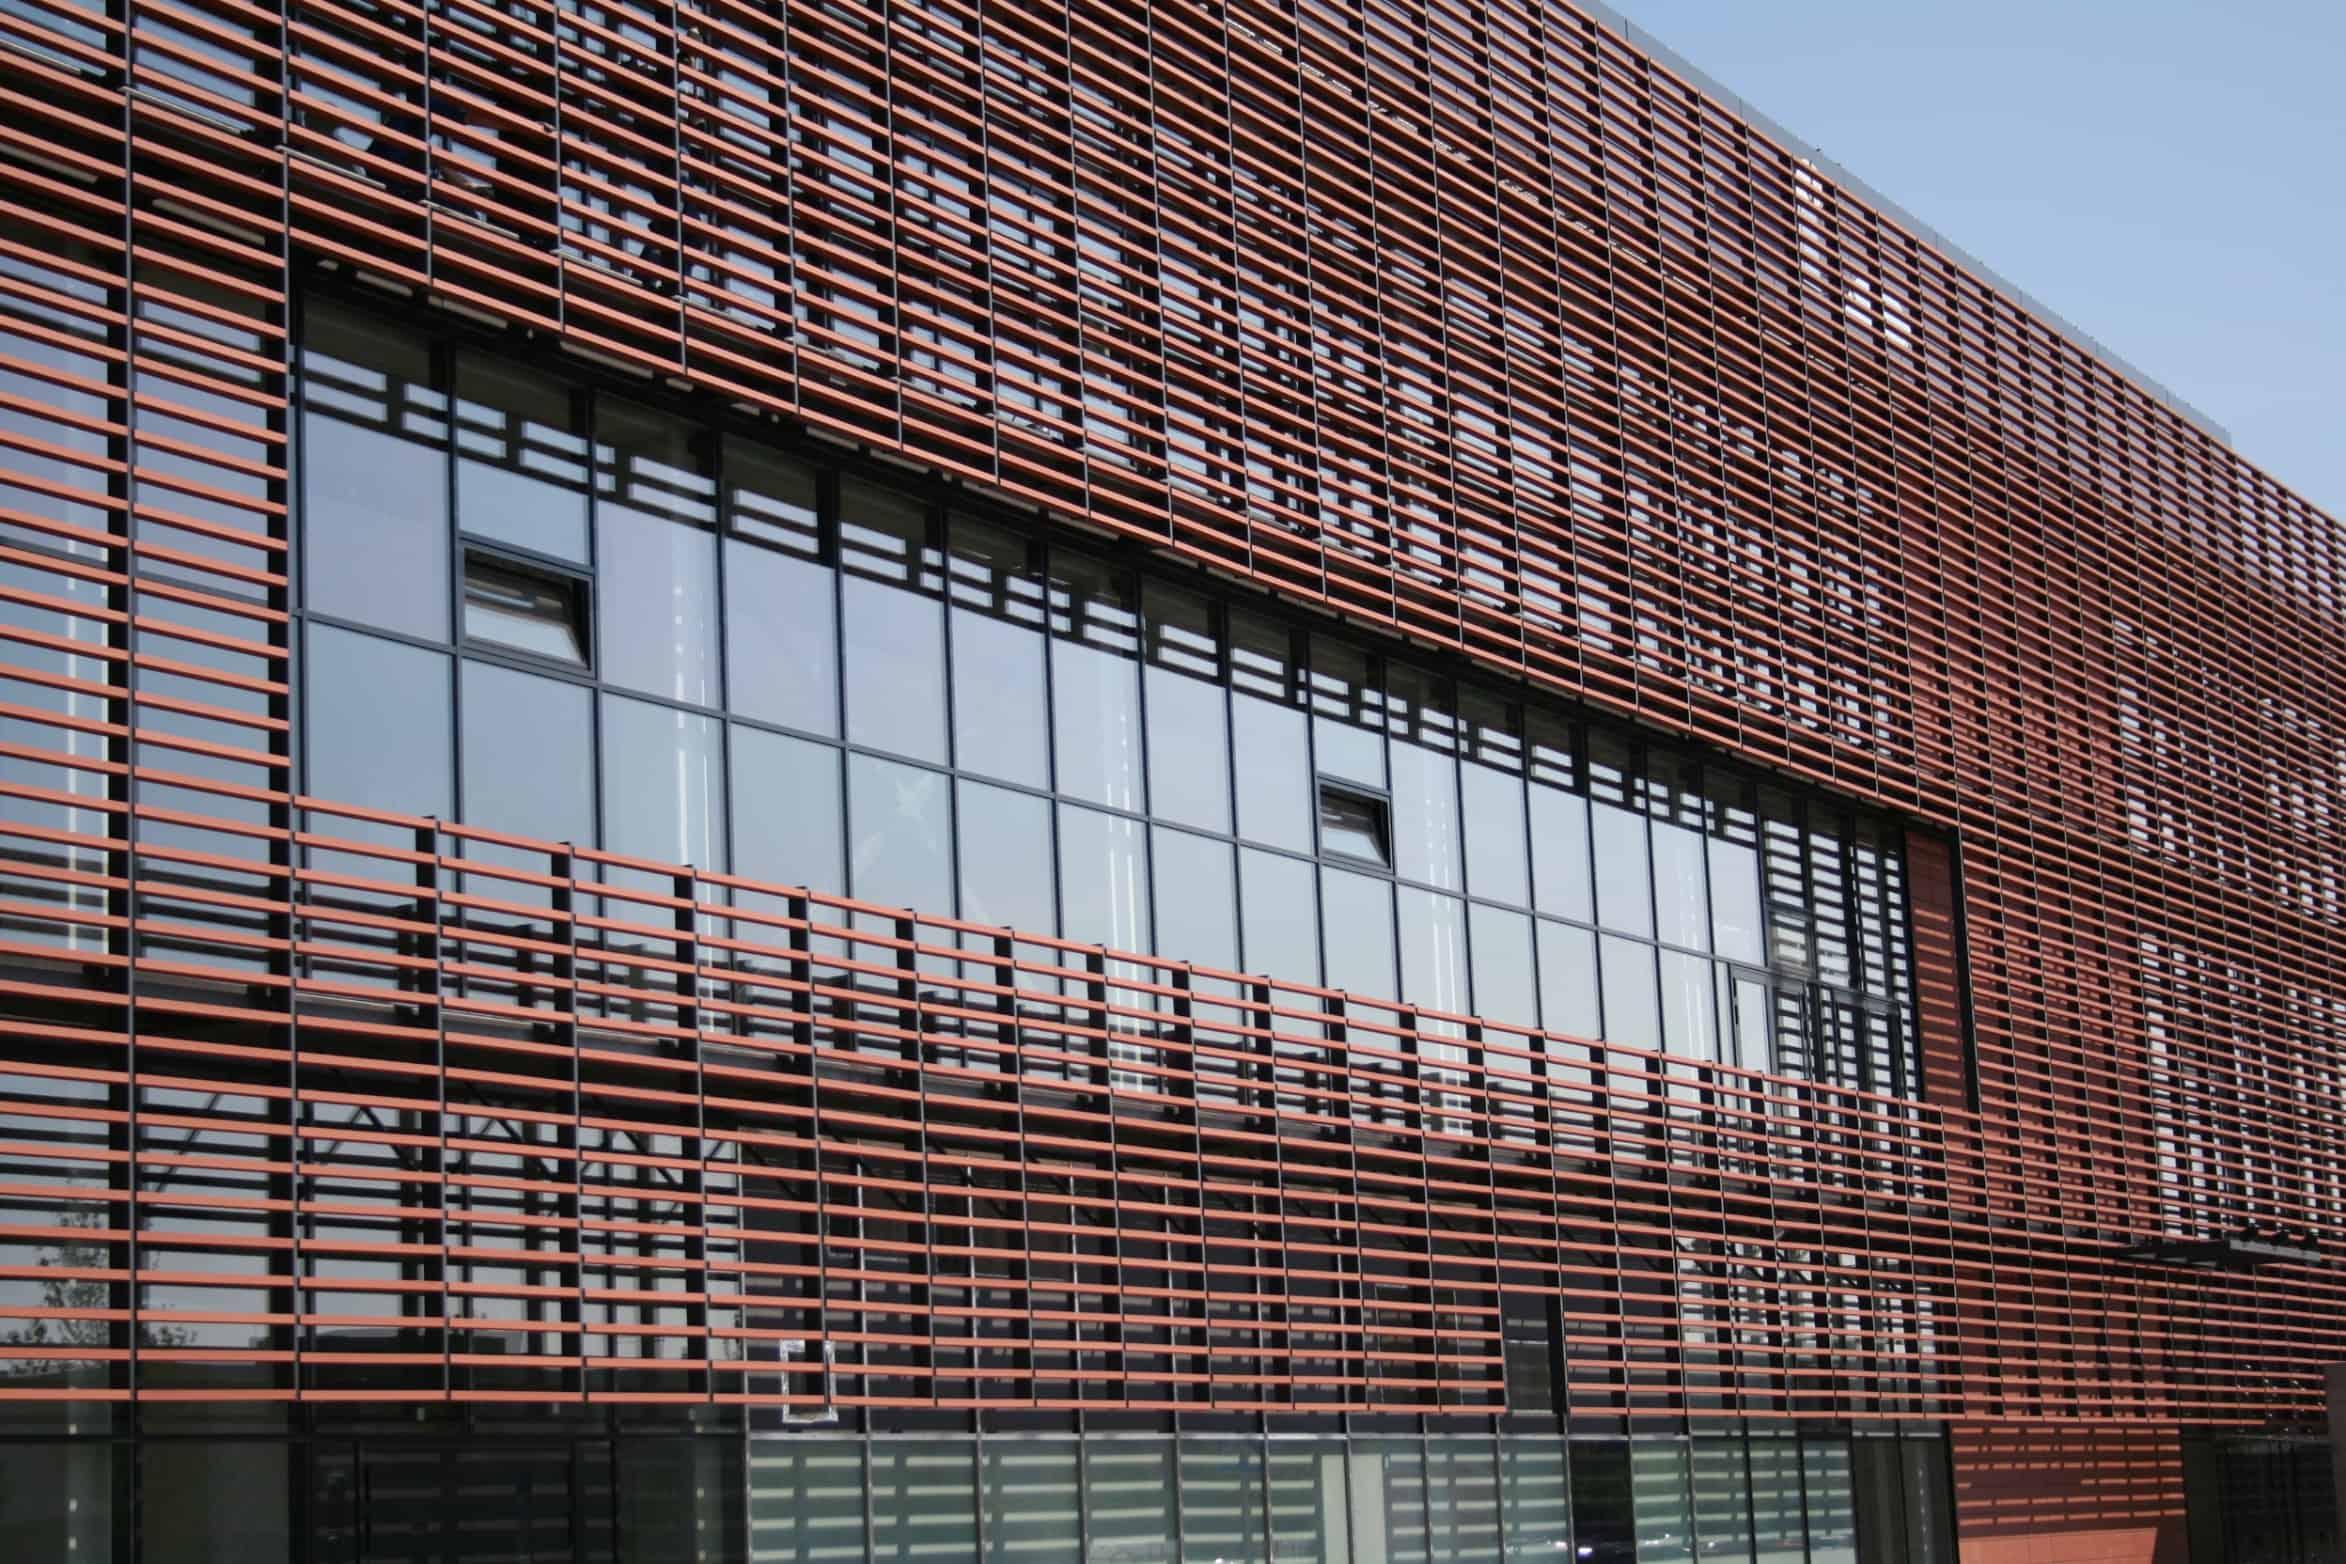 Lam gỗ nhựa chắn nắng xây dựng